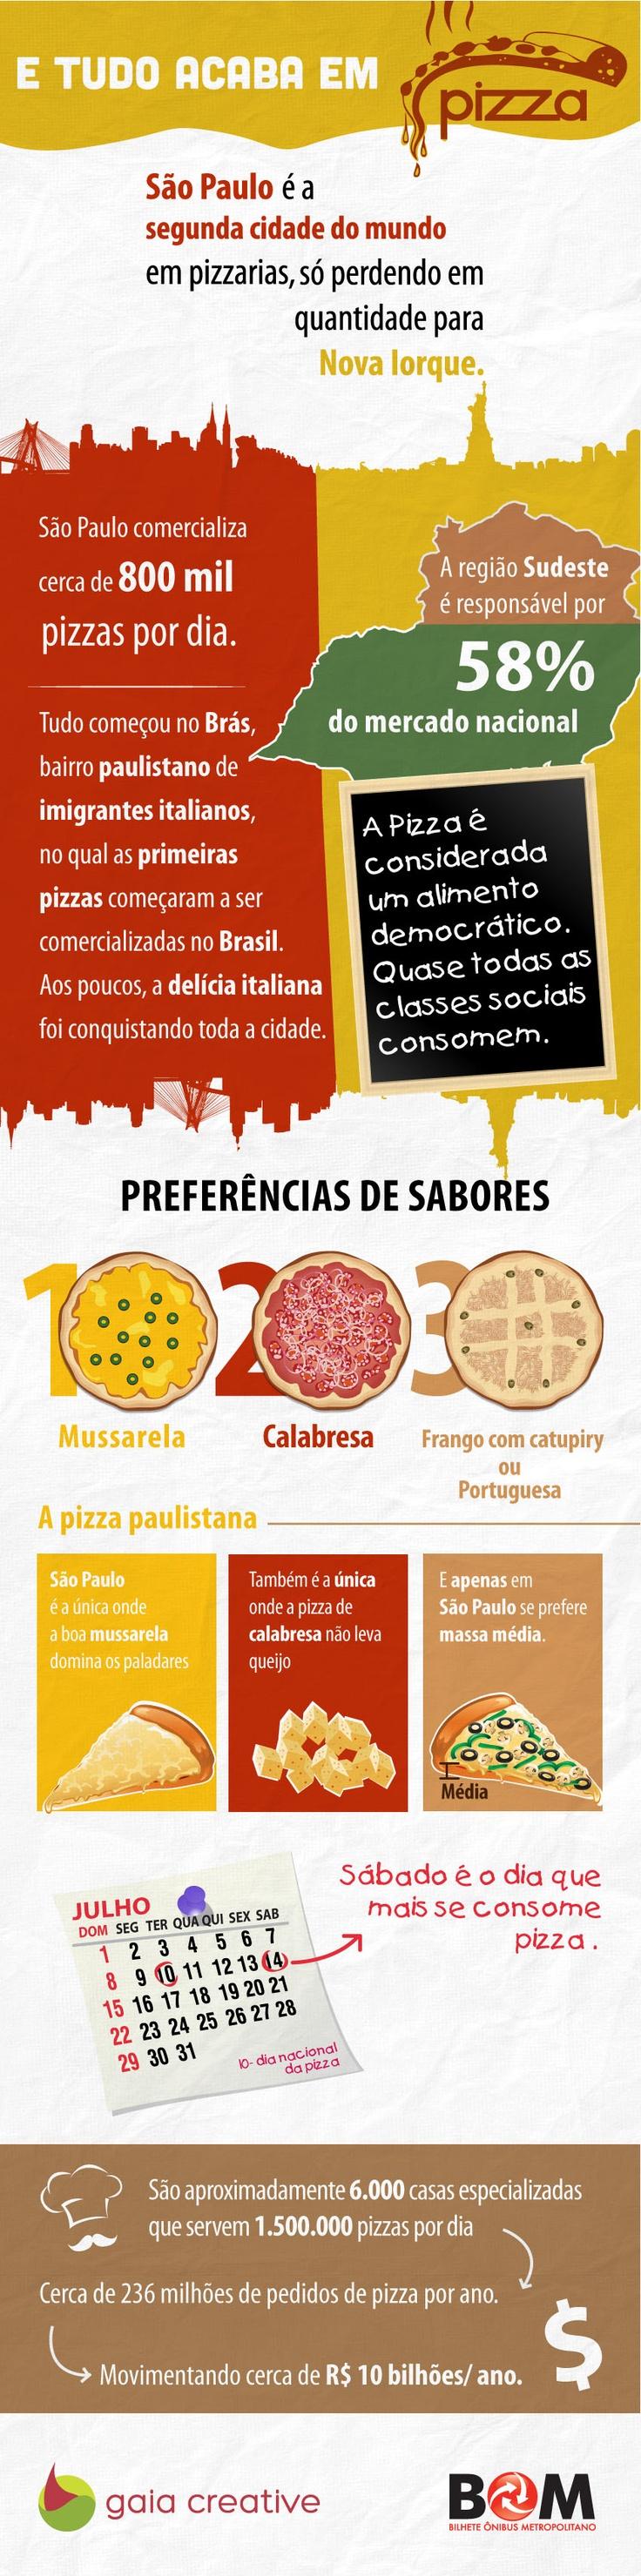 São Paulo e Pizza.. Uma antiga relação de amor S2